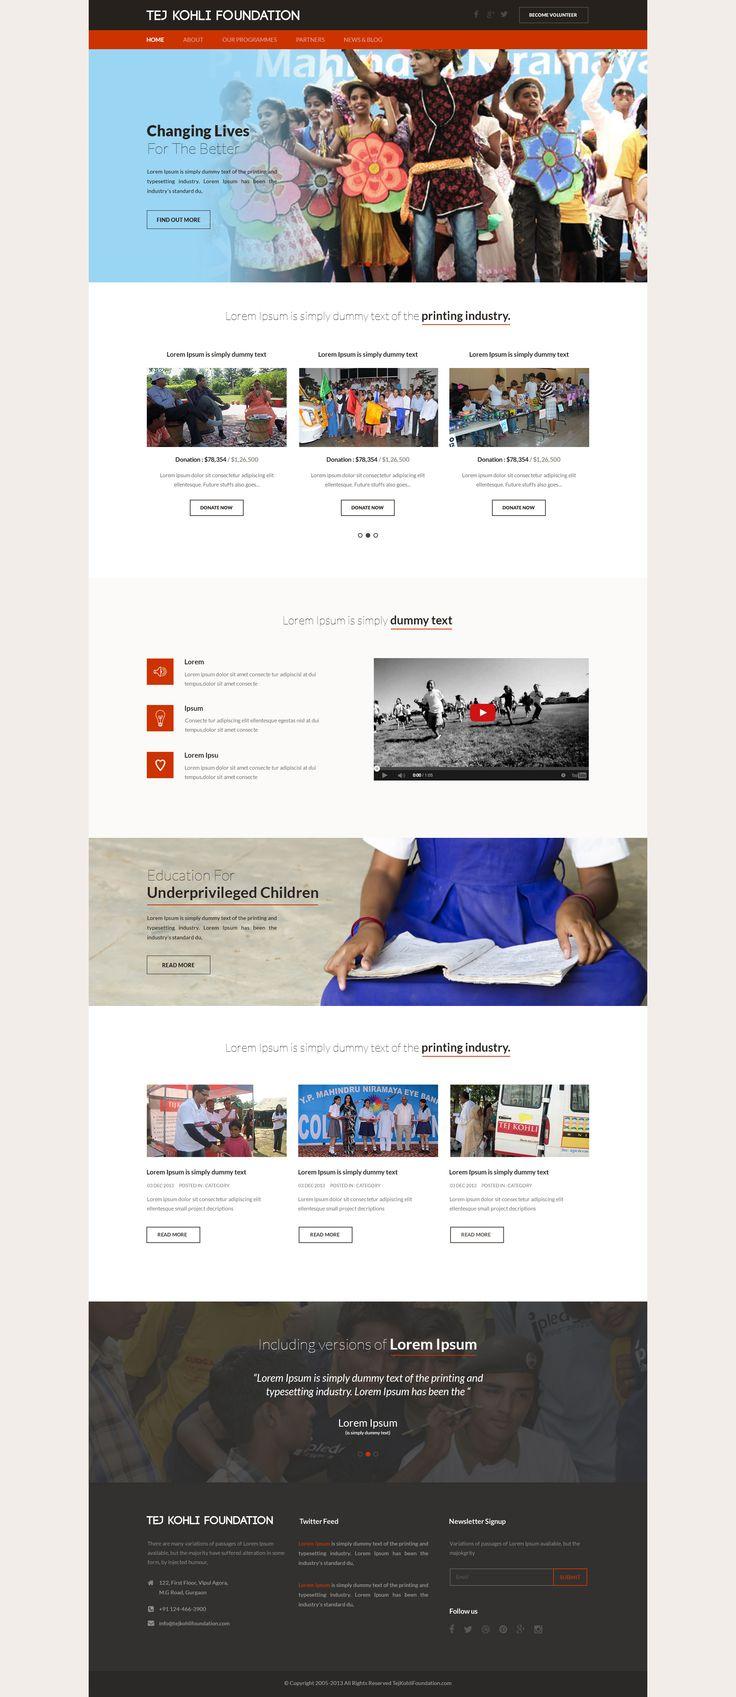 Создание дорогих сайтов, web студия rchives/369 как сделать адаптивный сайт из обычного